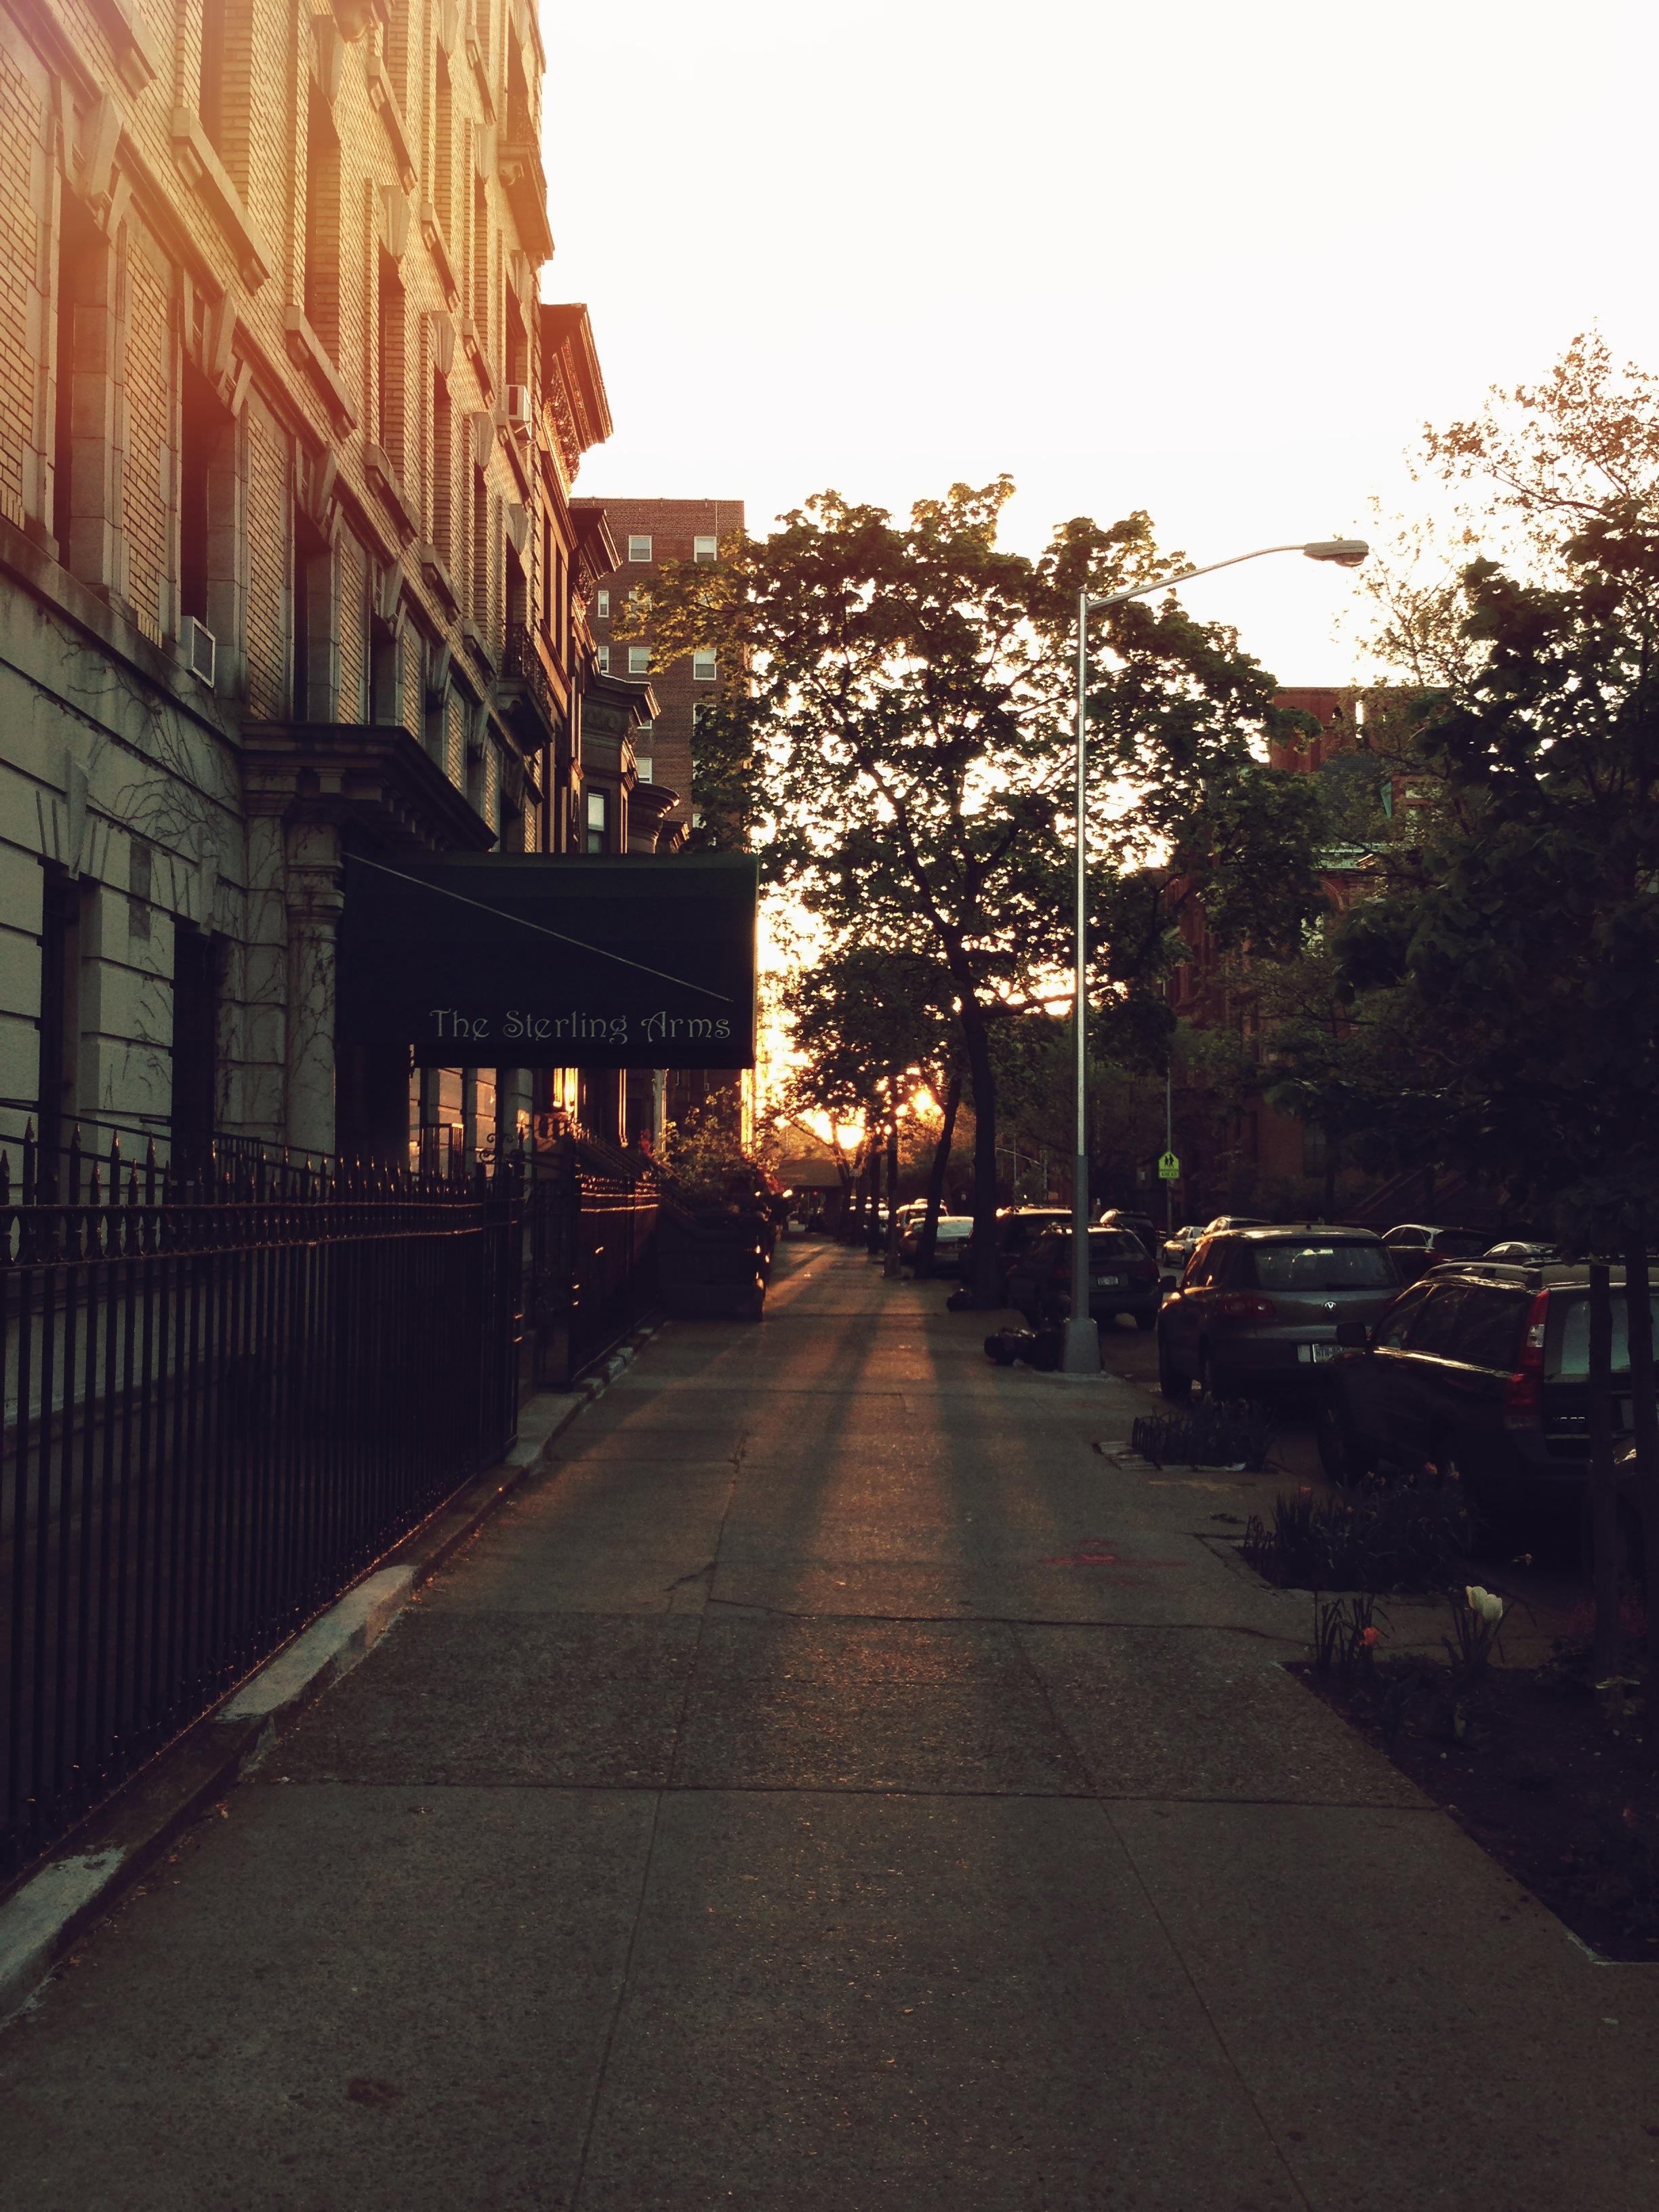 Brooklyn, NY, 5/3/13